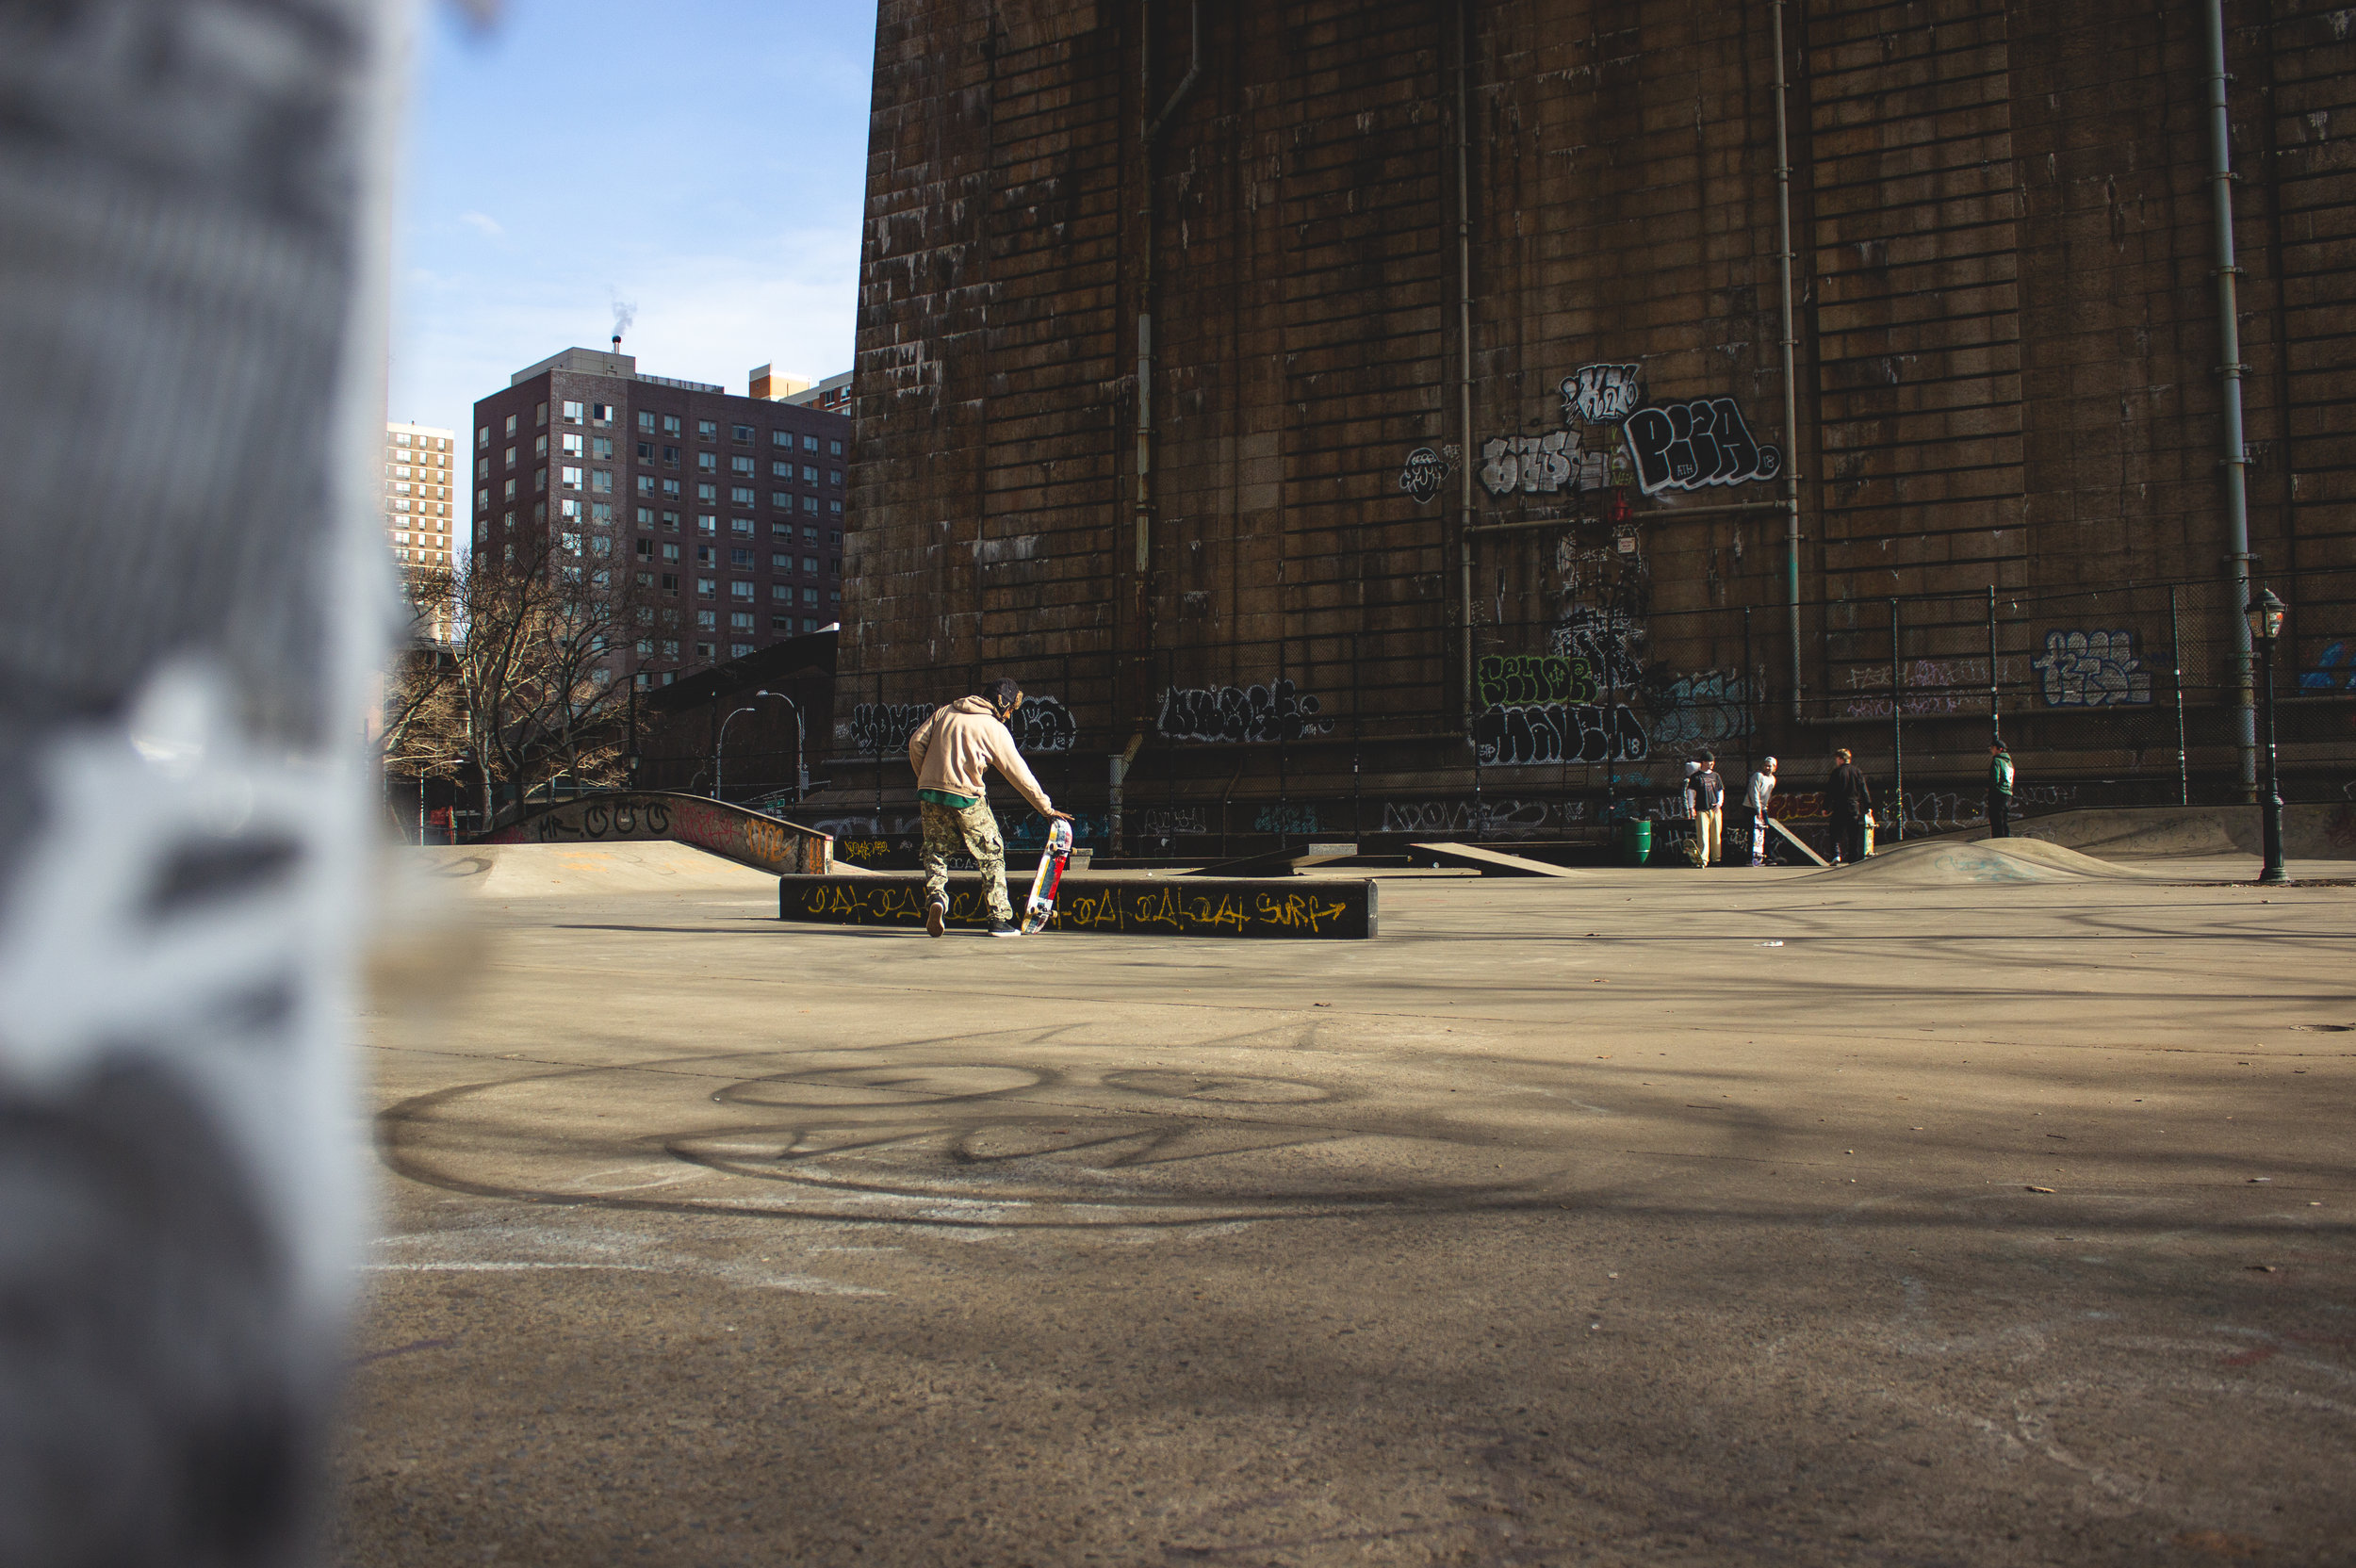 EESPINO_NYC_SKATEBOARDING.jpg